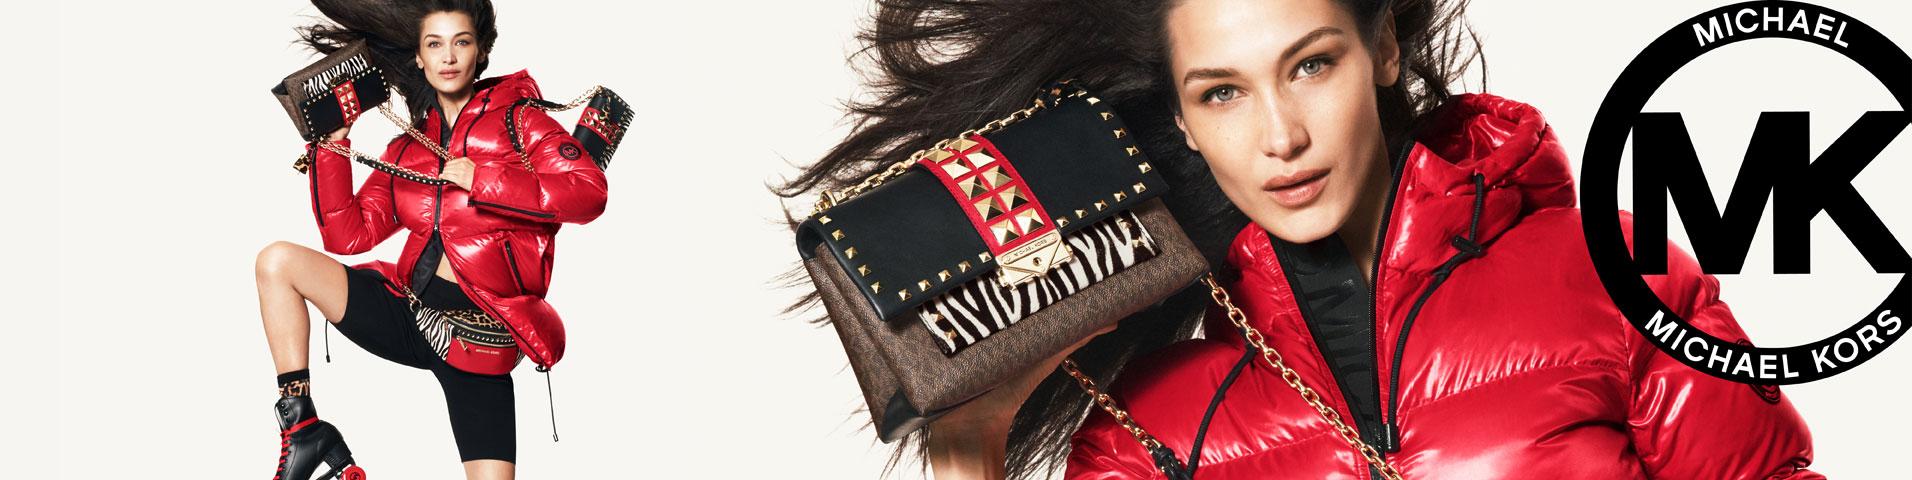 Anelli da donna Michael Kors | La collezione su Zalando